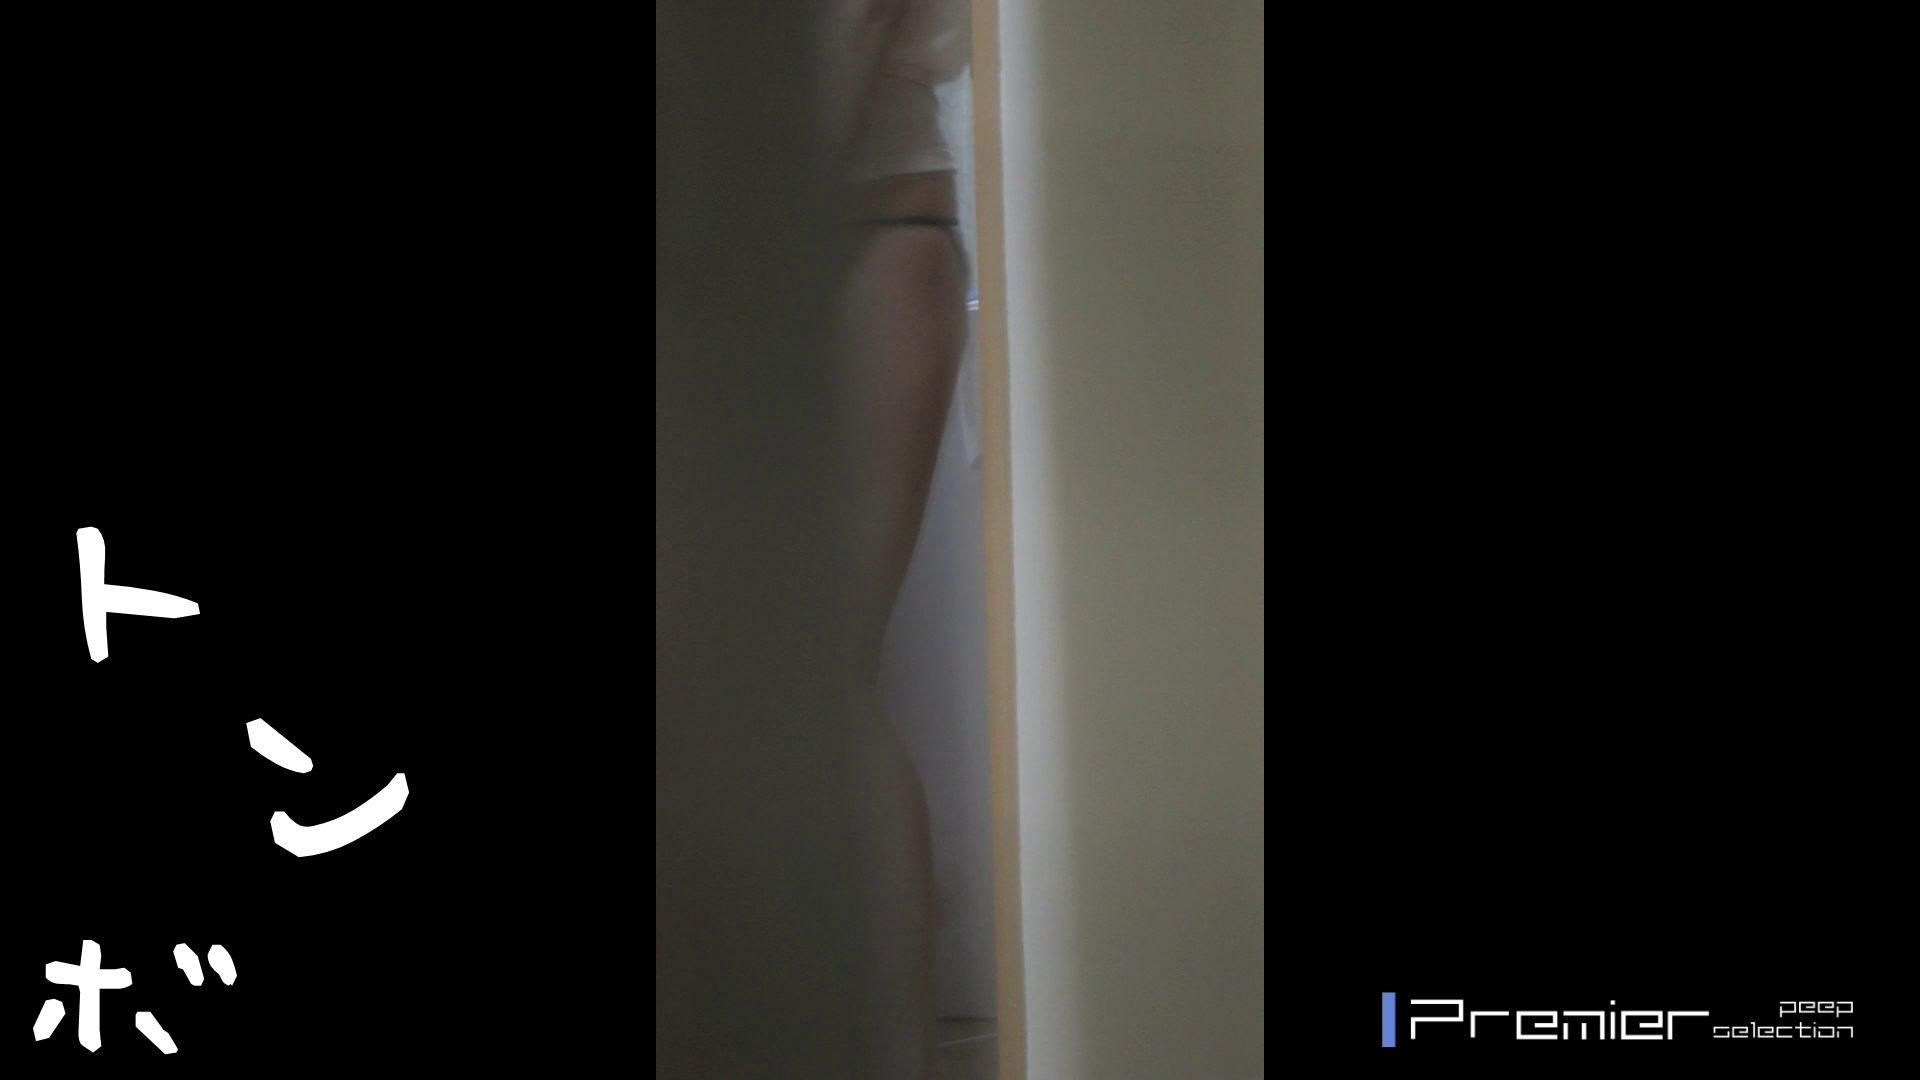 美女達の私生活に潜入!美形OLの生着替え 潜入 AV動画キャプチャ 26枚